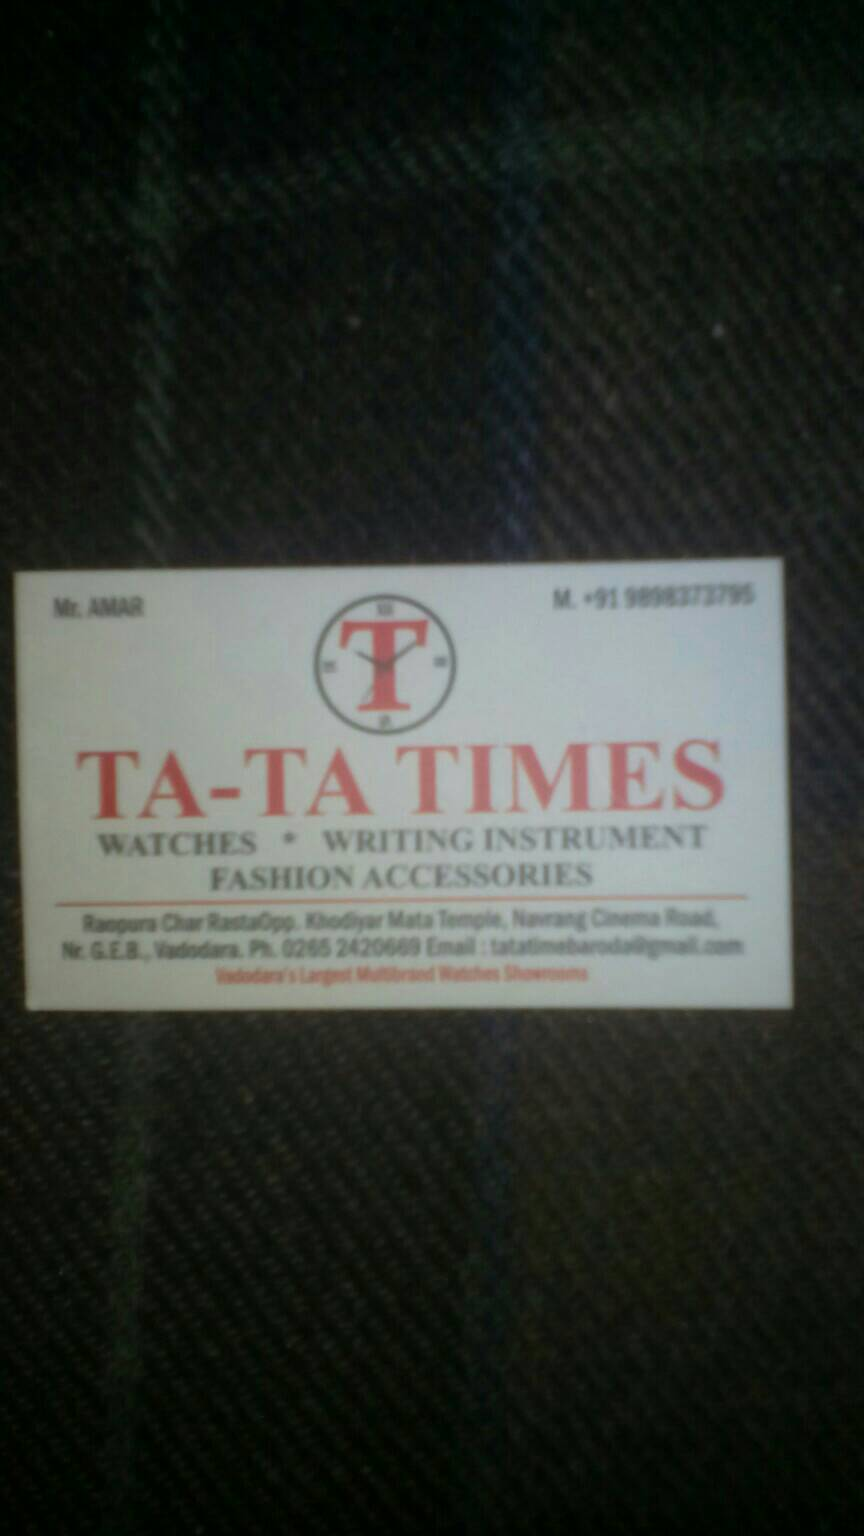 TA-TA TIMES